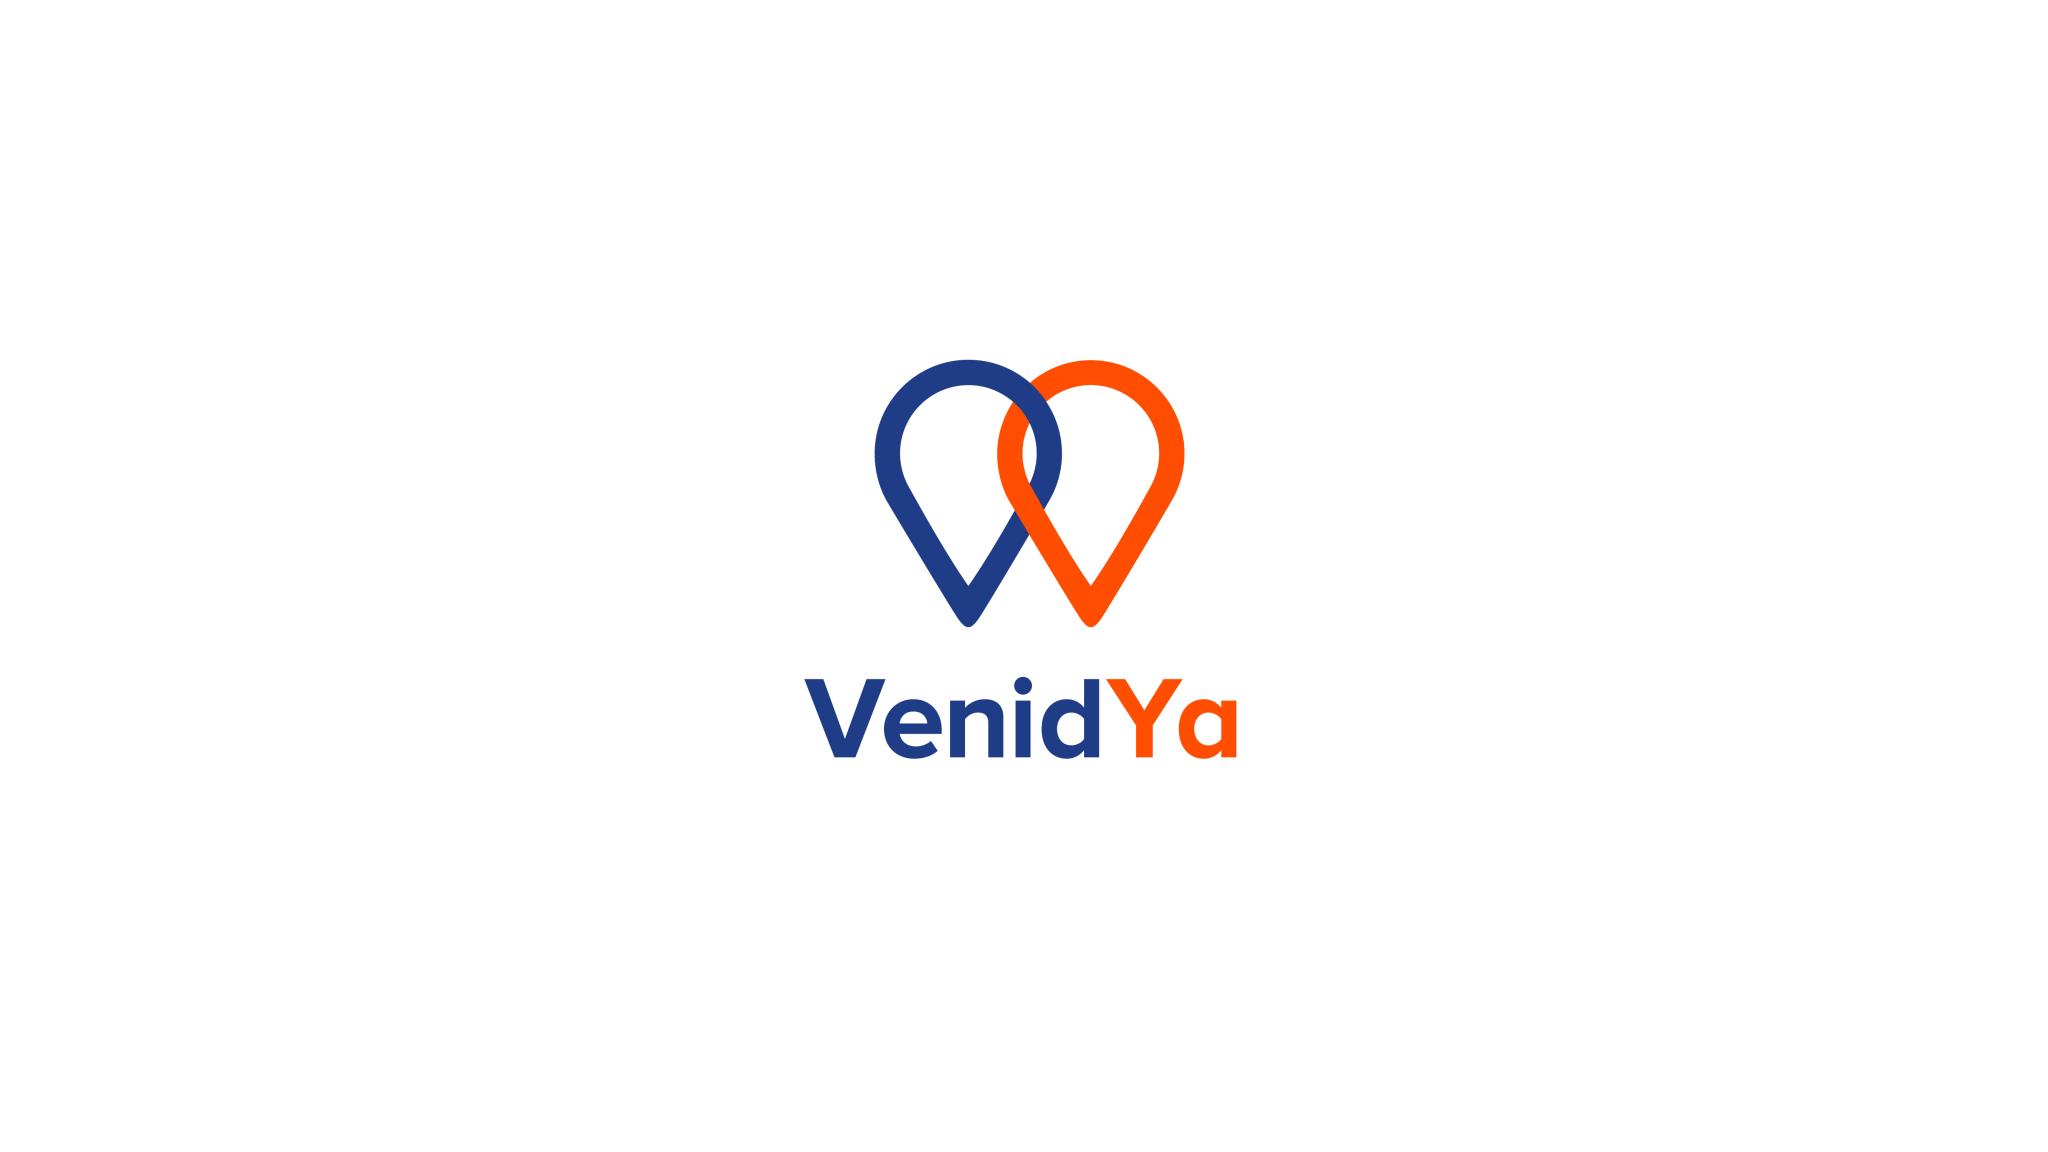 venidya_blanco